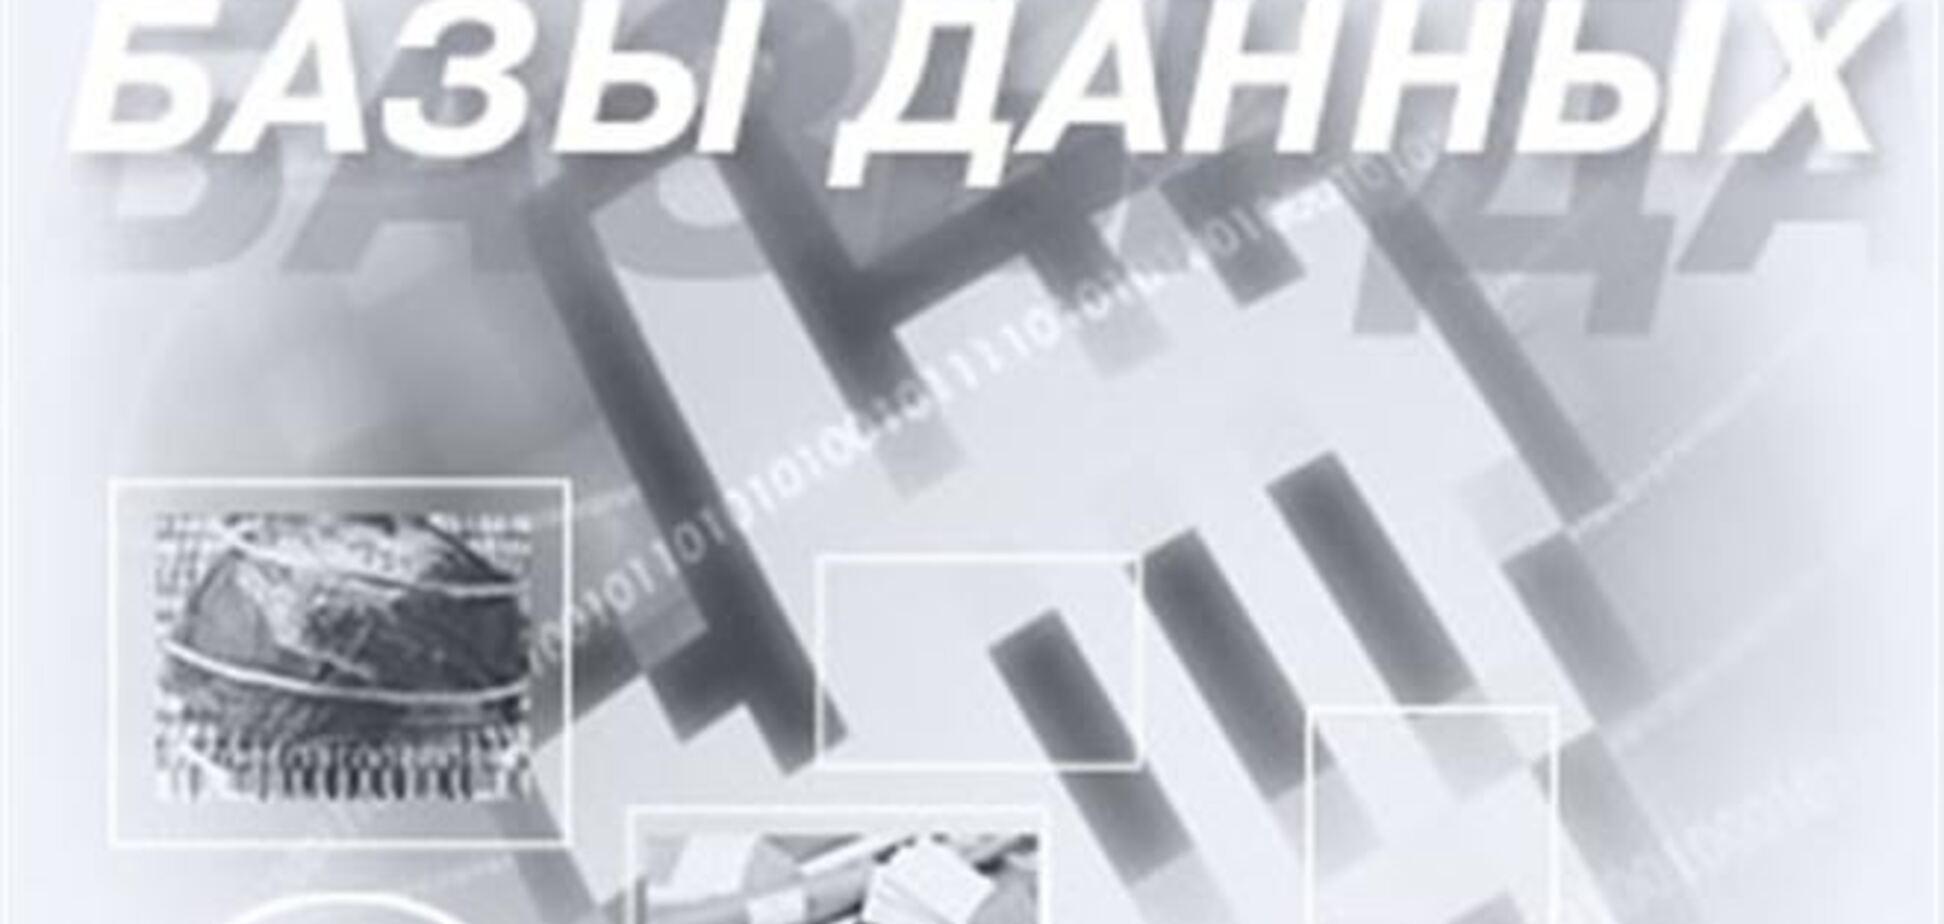 После взлома базы личных данных в Минюсте ищут виноватых в Google, Facebook и Укрзализныце